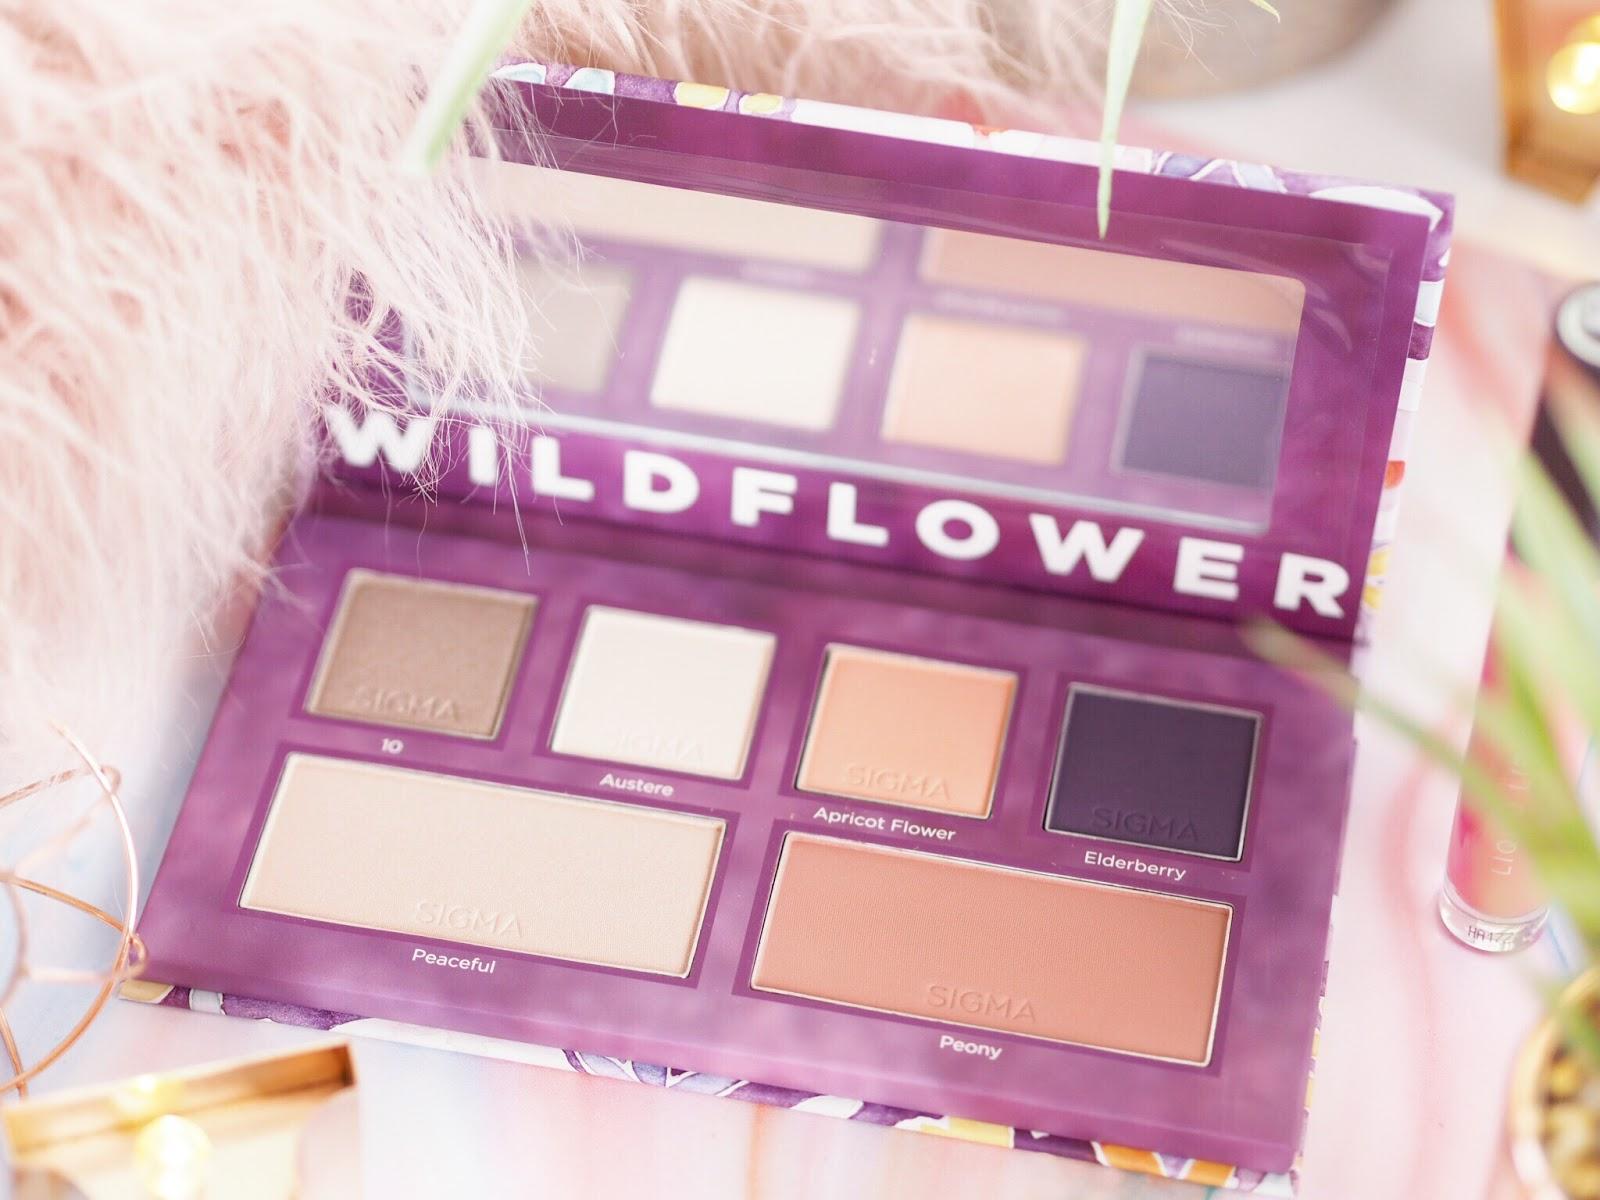 Wildflower palette, Sigma Wildflower, Sigma Wildflower Palette